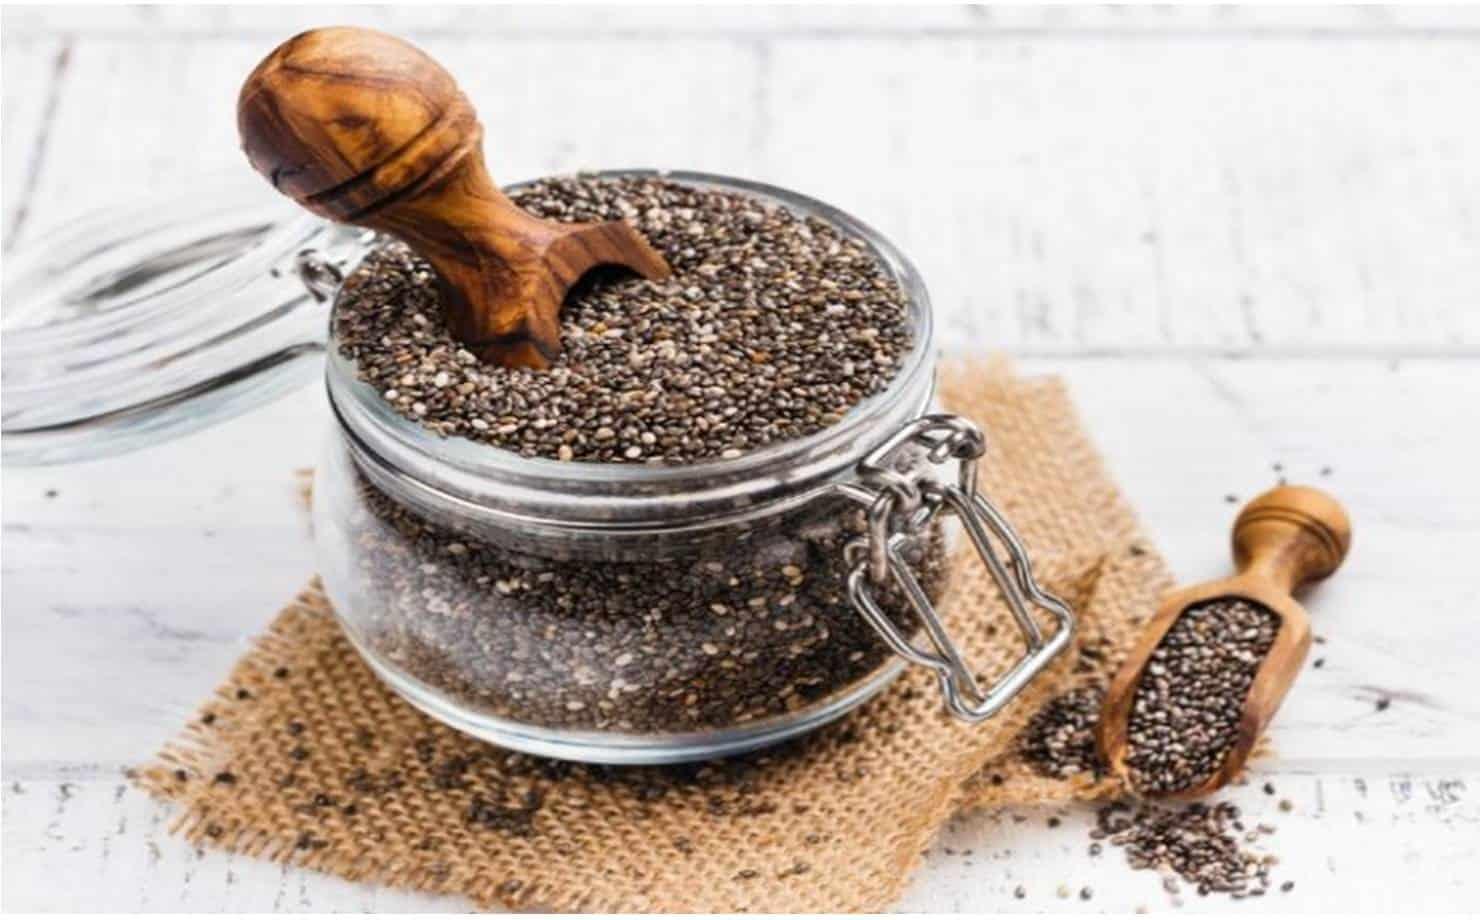 Descubra porque você deve incluir a semente de Chia na sua dieta